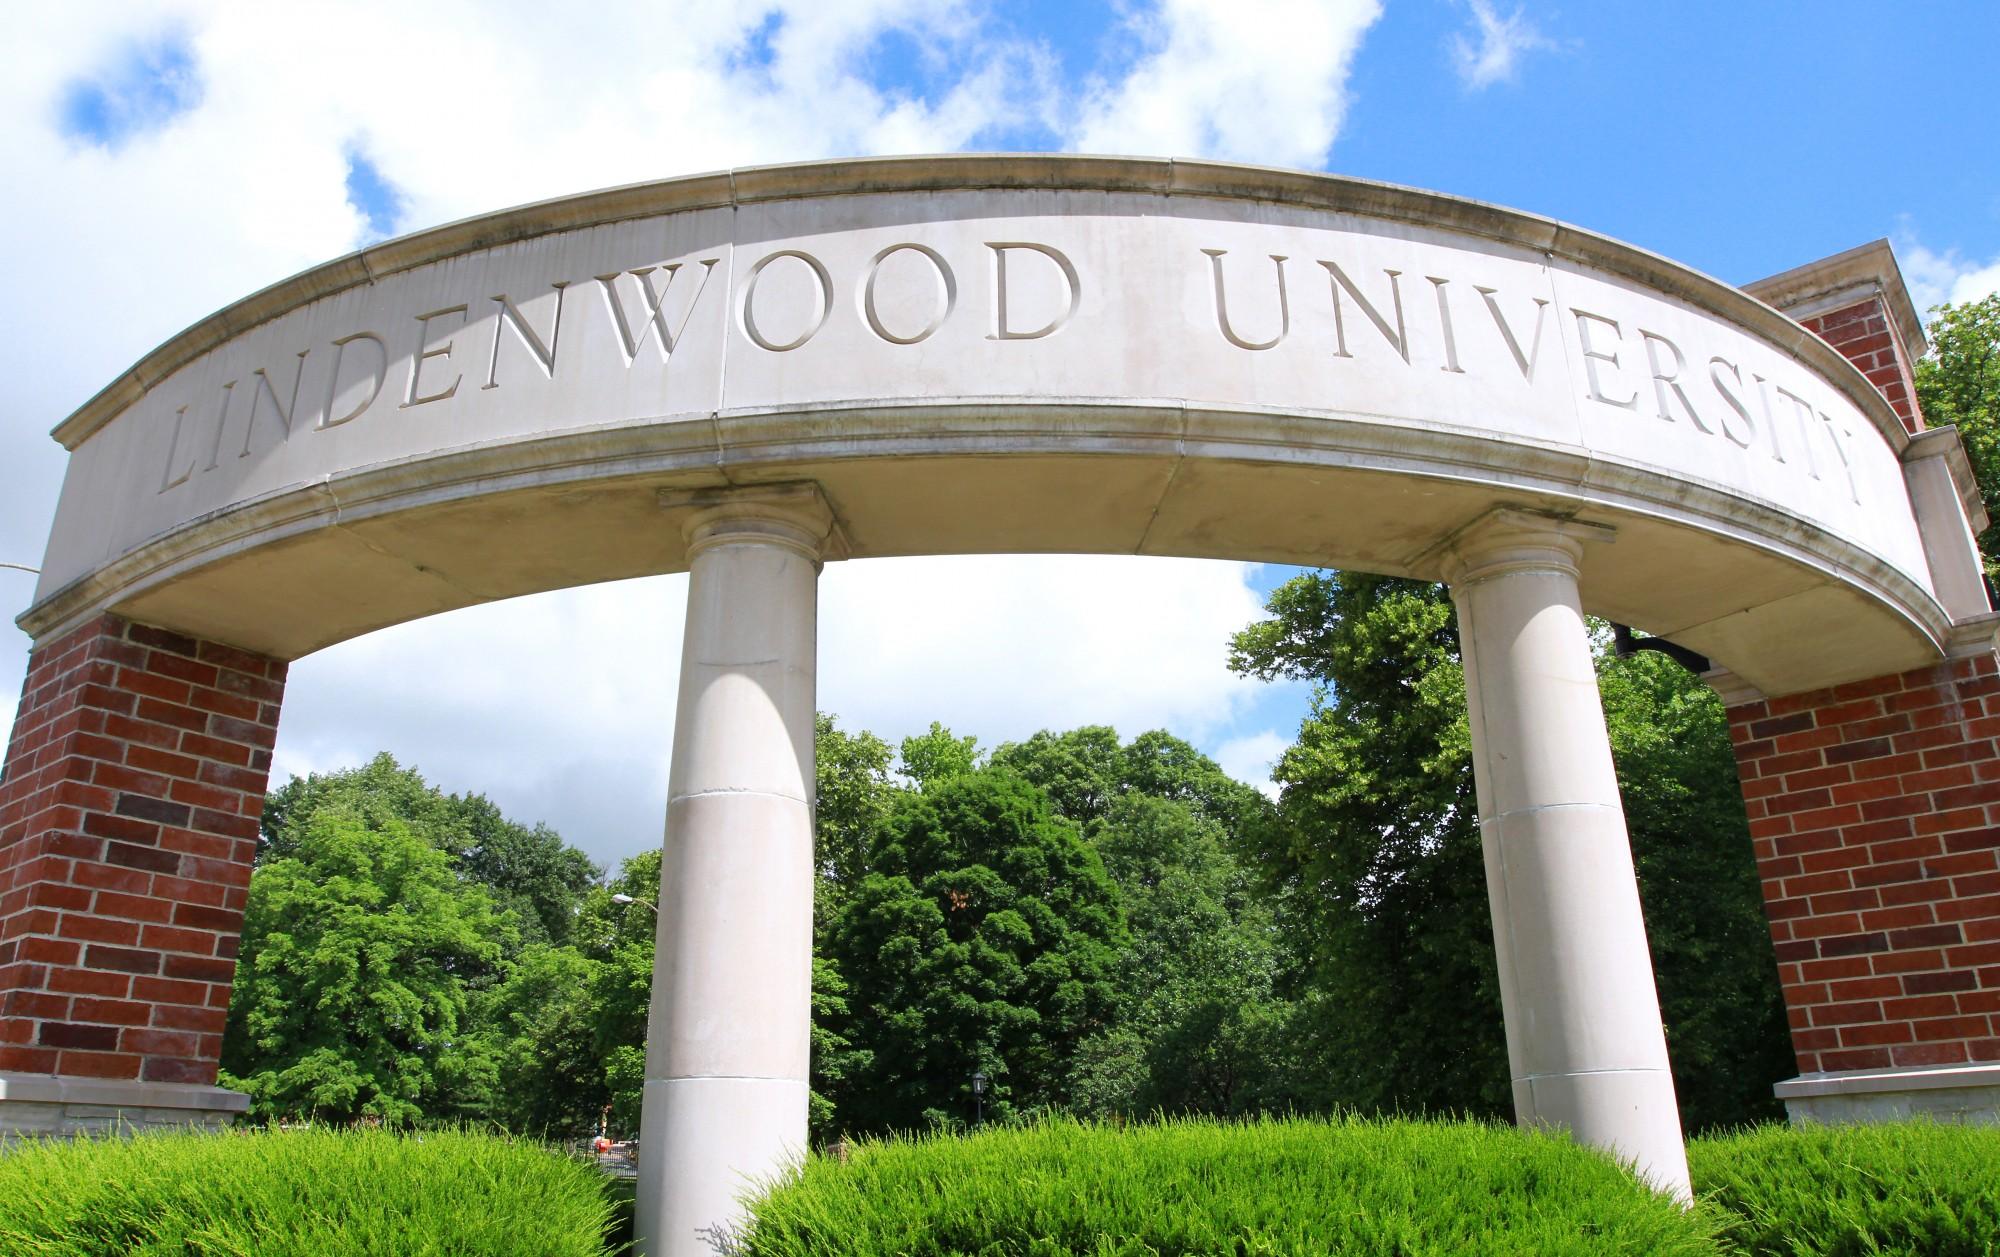 Admissions Lindenwood University